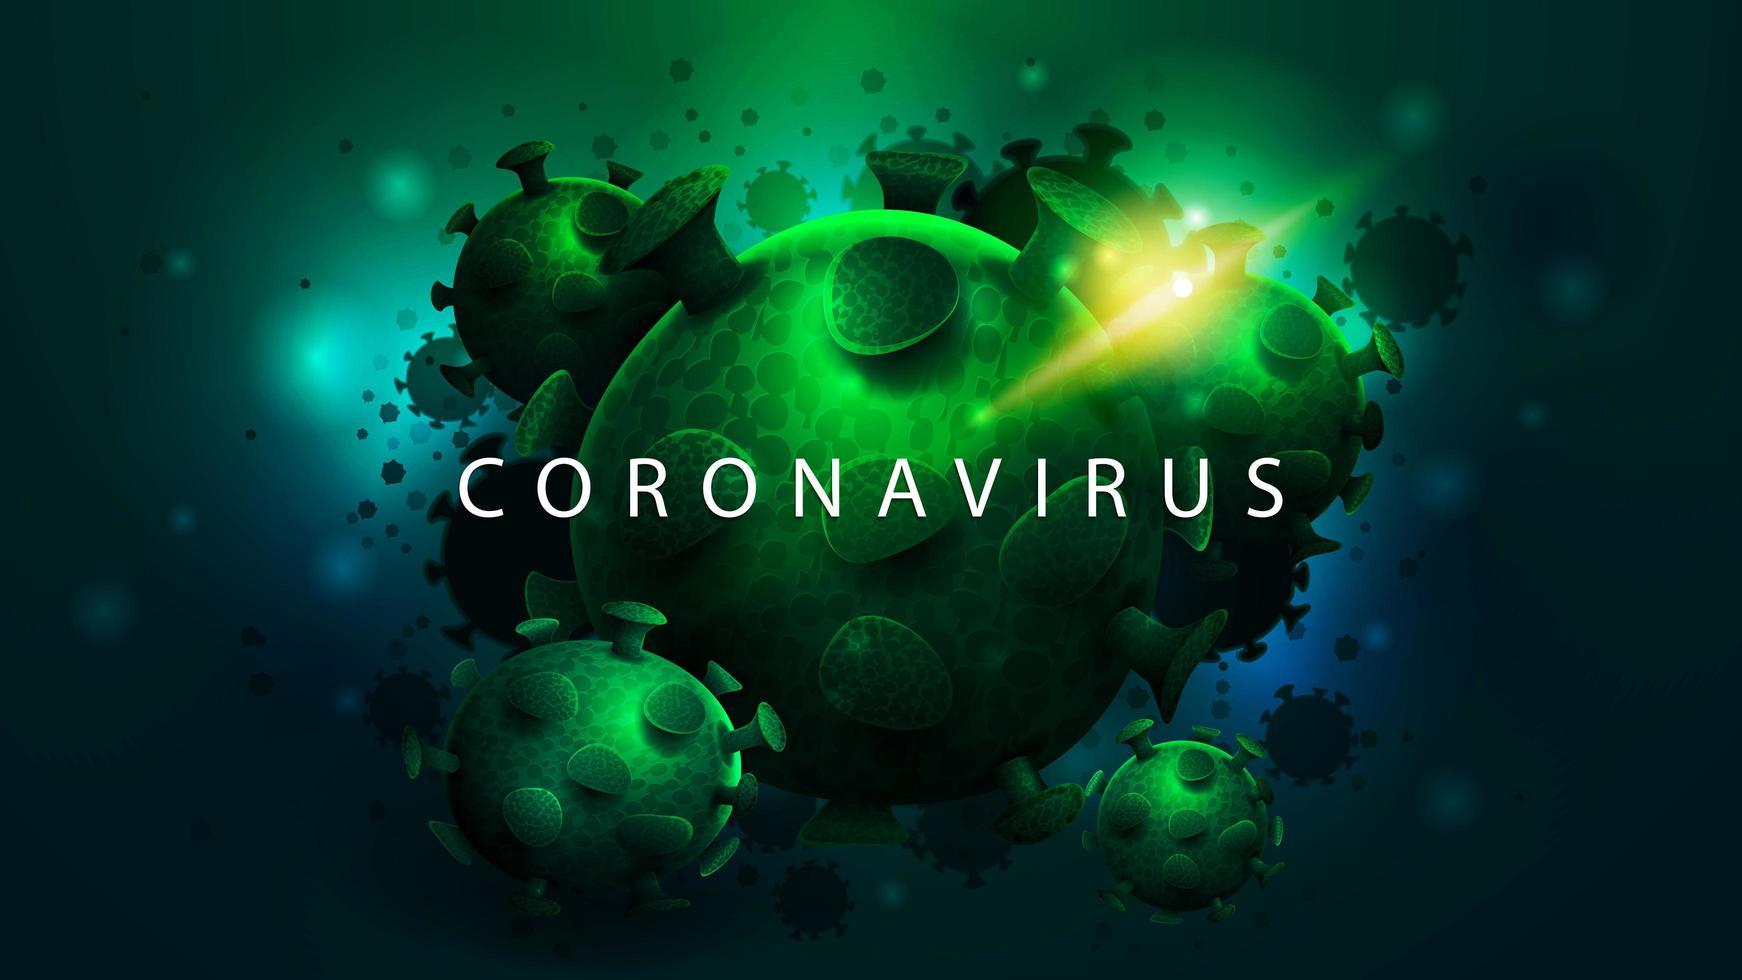 affiche sombre avec de grandes molécules vertes de coronavirus vecteur